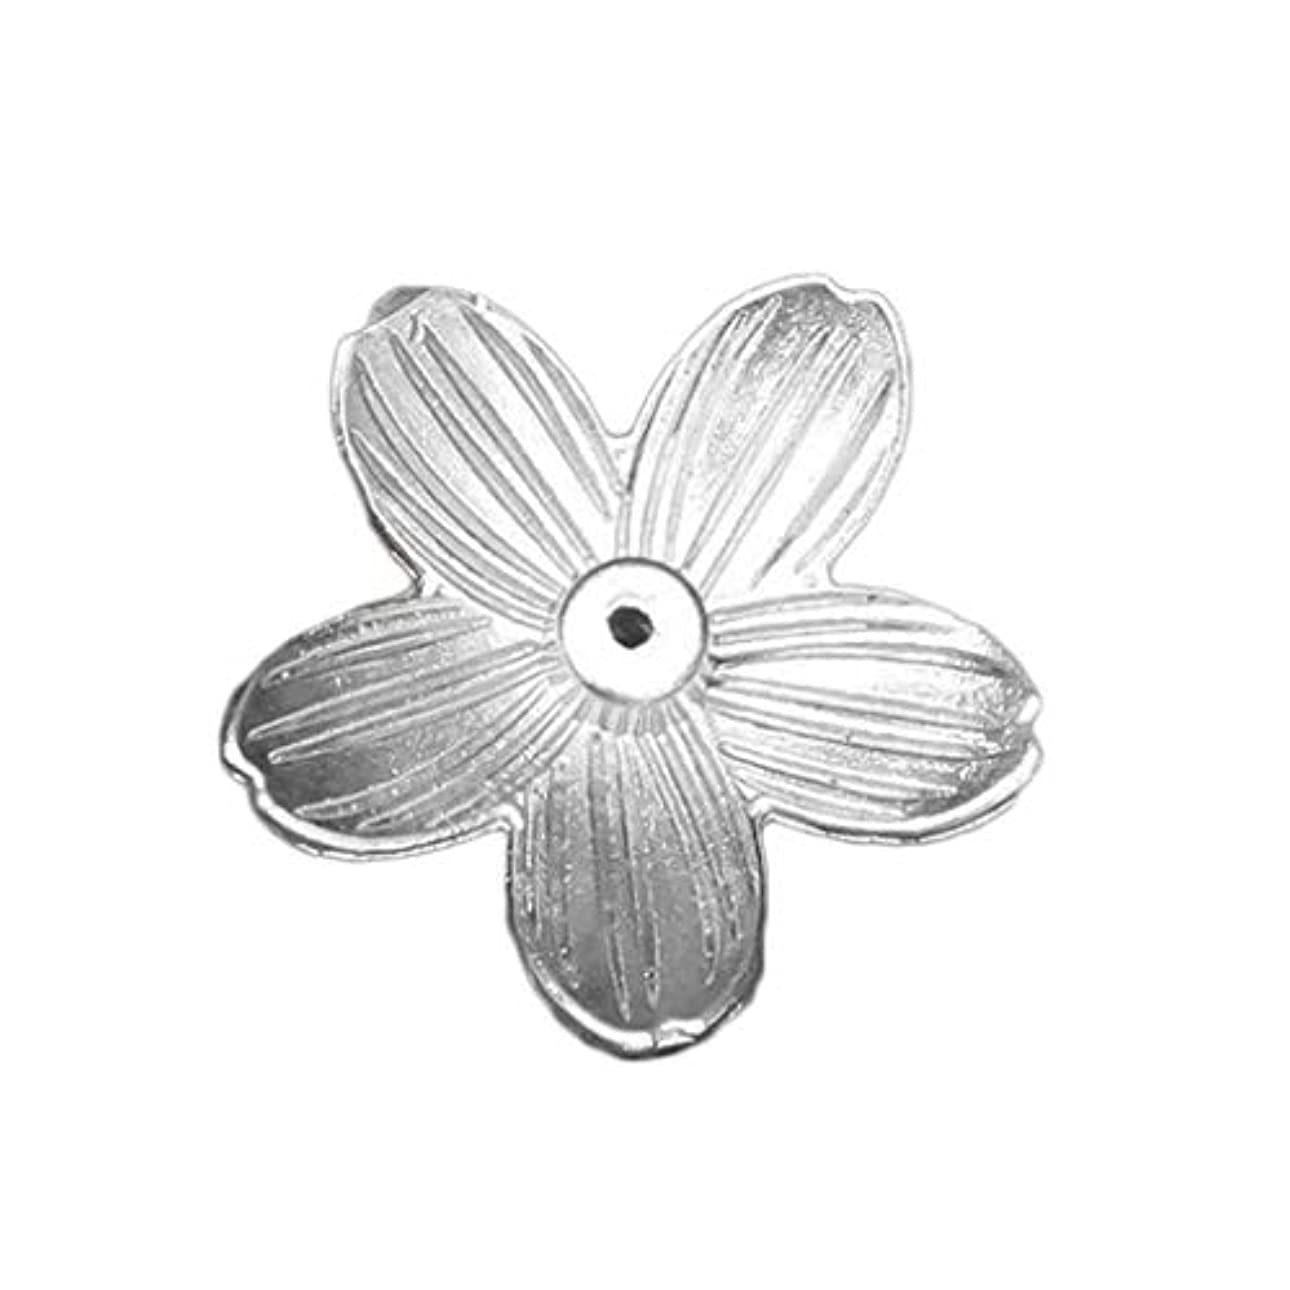 何よりもれんがボール芳香器?アロマバーナー 1ピース桜の花柄香バーナースティックホルダー香ベースプラグ香スタンドホームデコレーション 芳香器?アロマバーナー (Color : C)